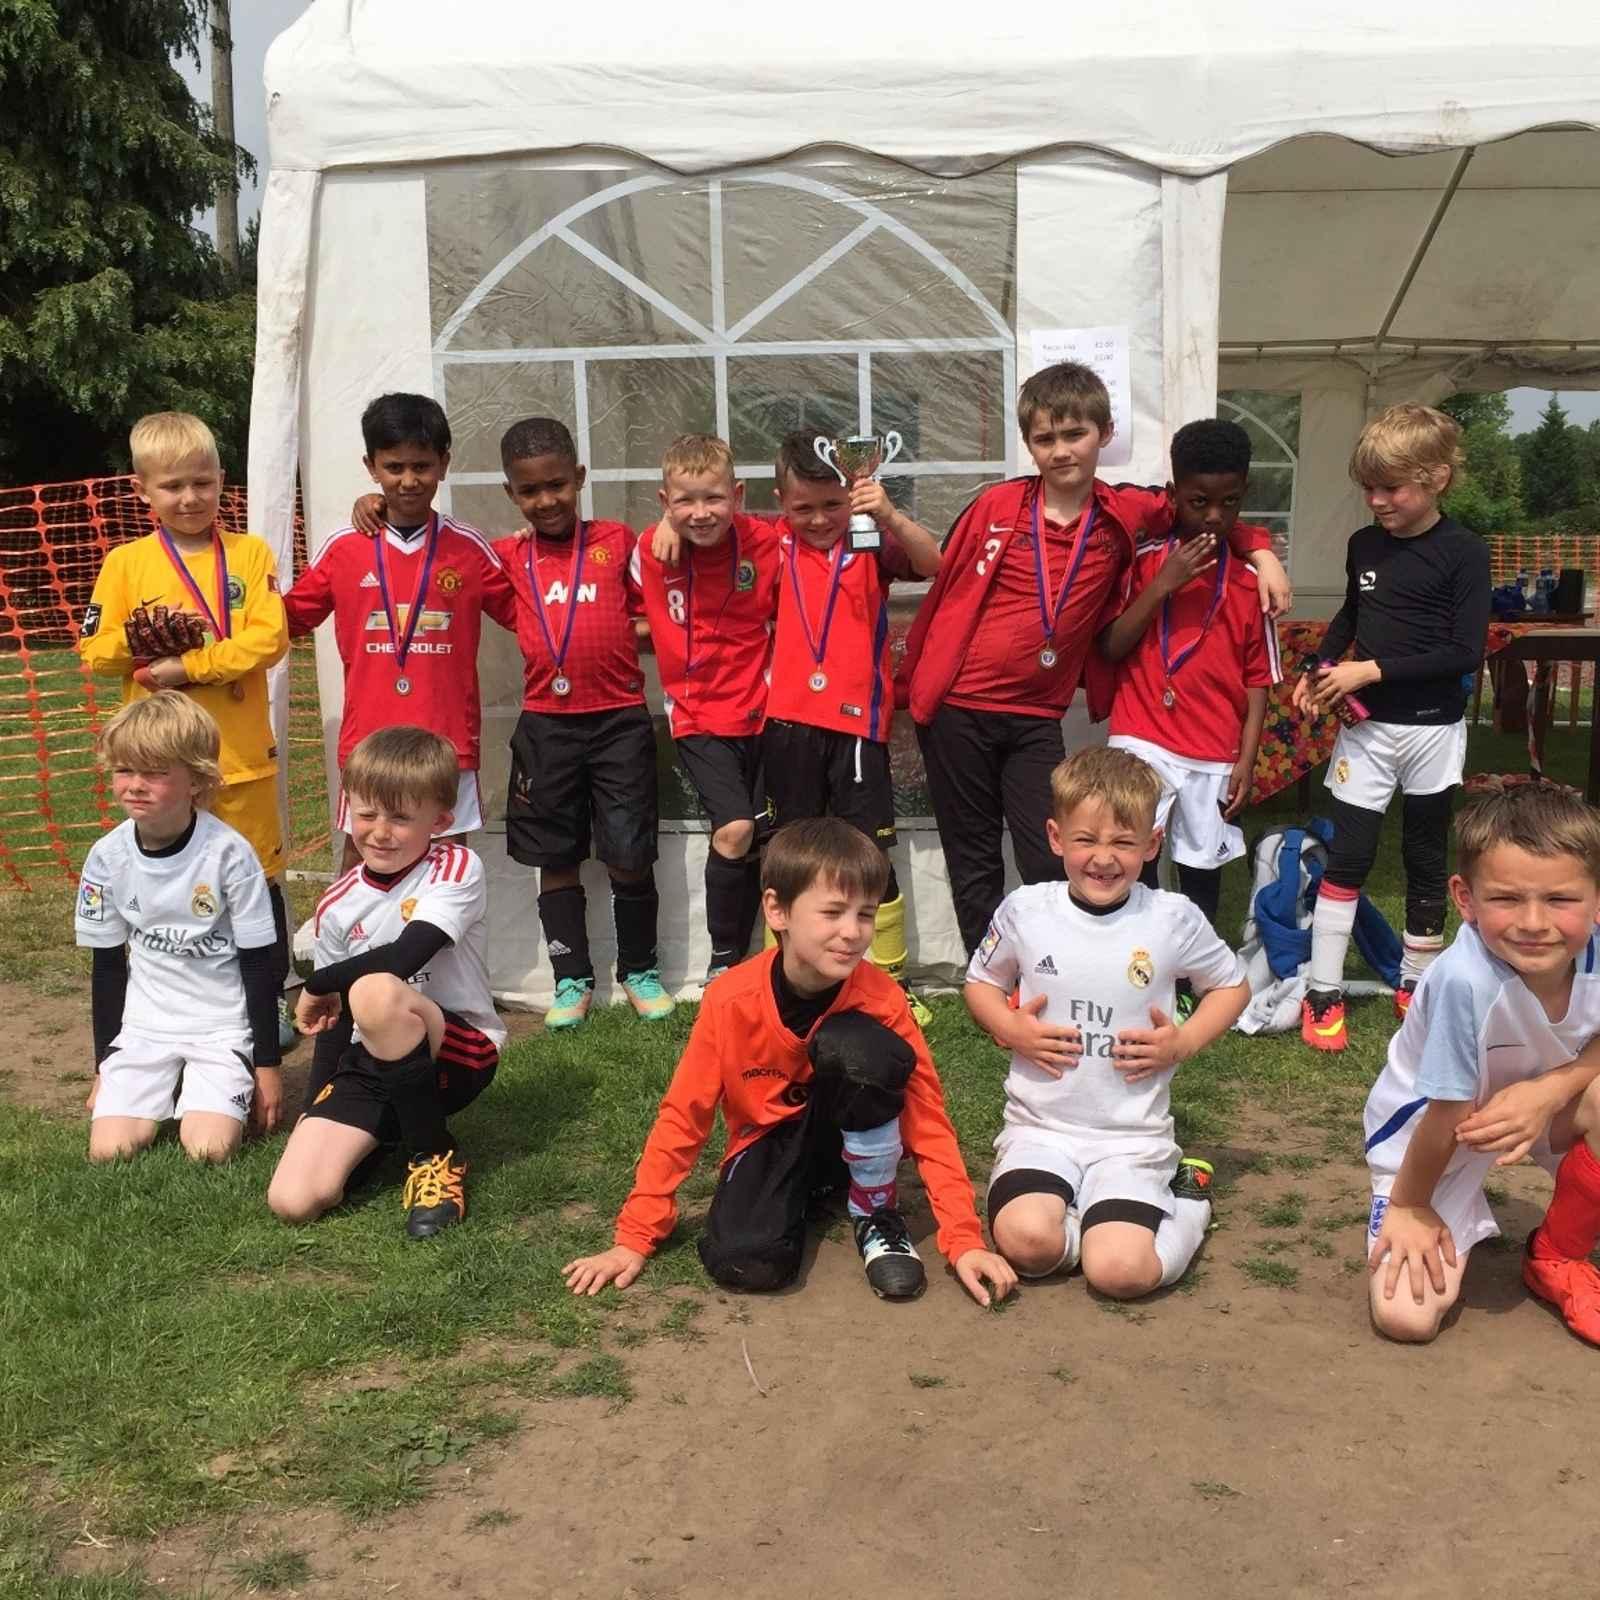 Premier Academy - Glades Tournament